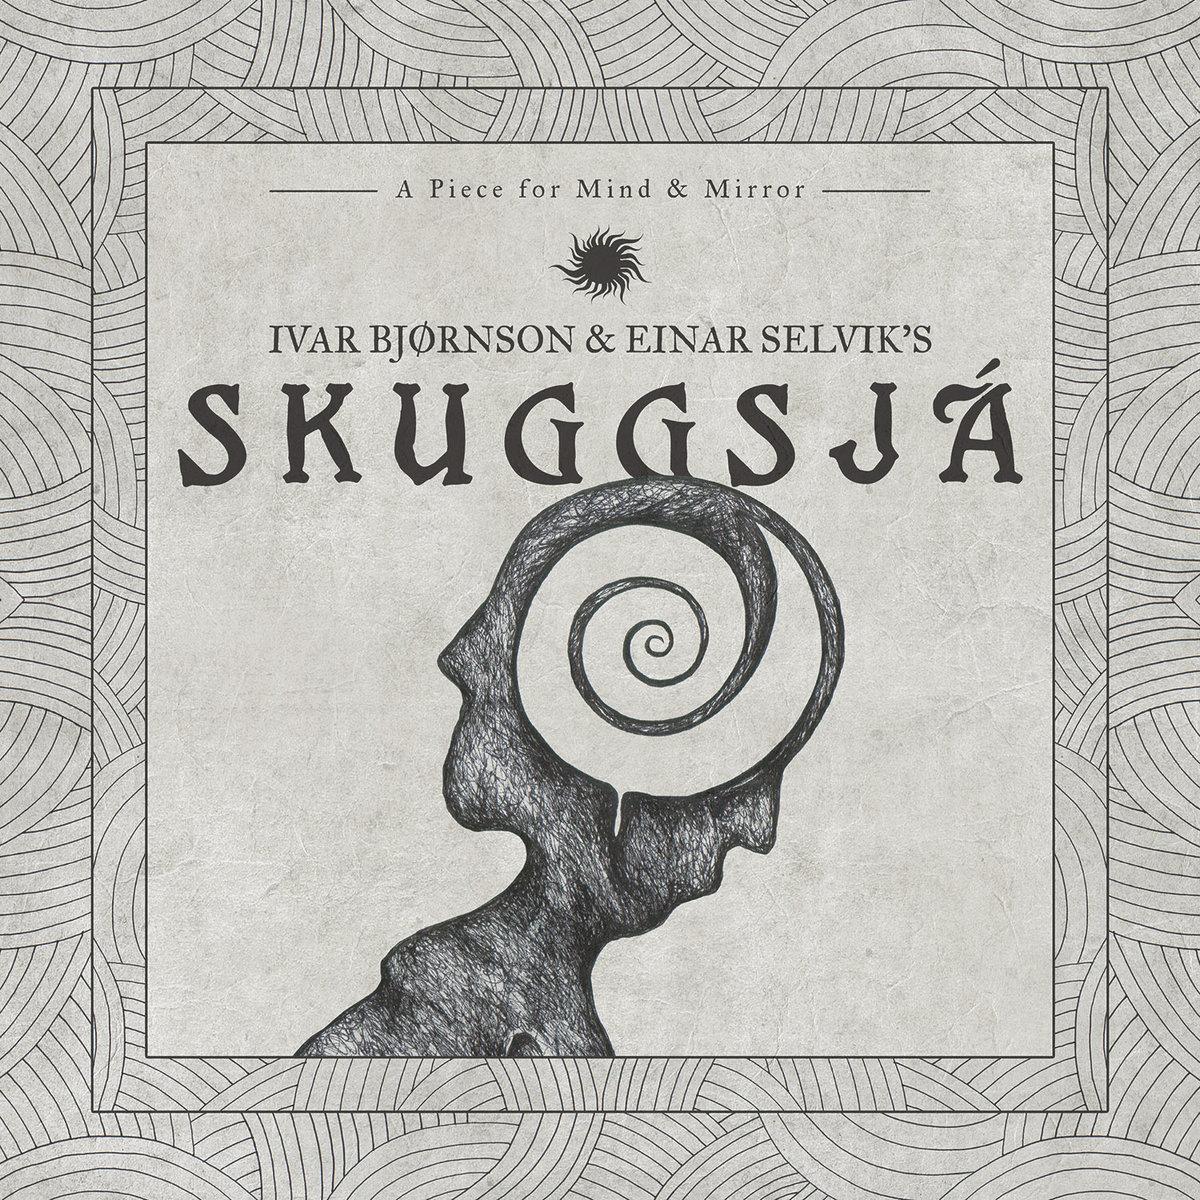 cover_Skuggsja_apieceofmindandmirror